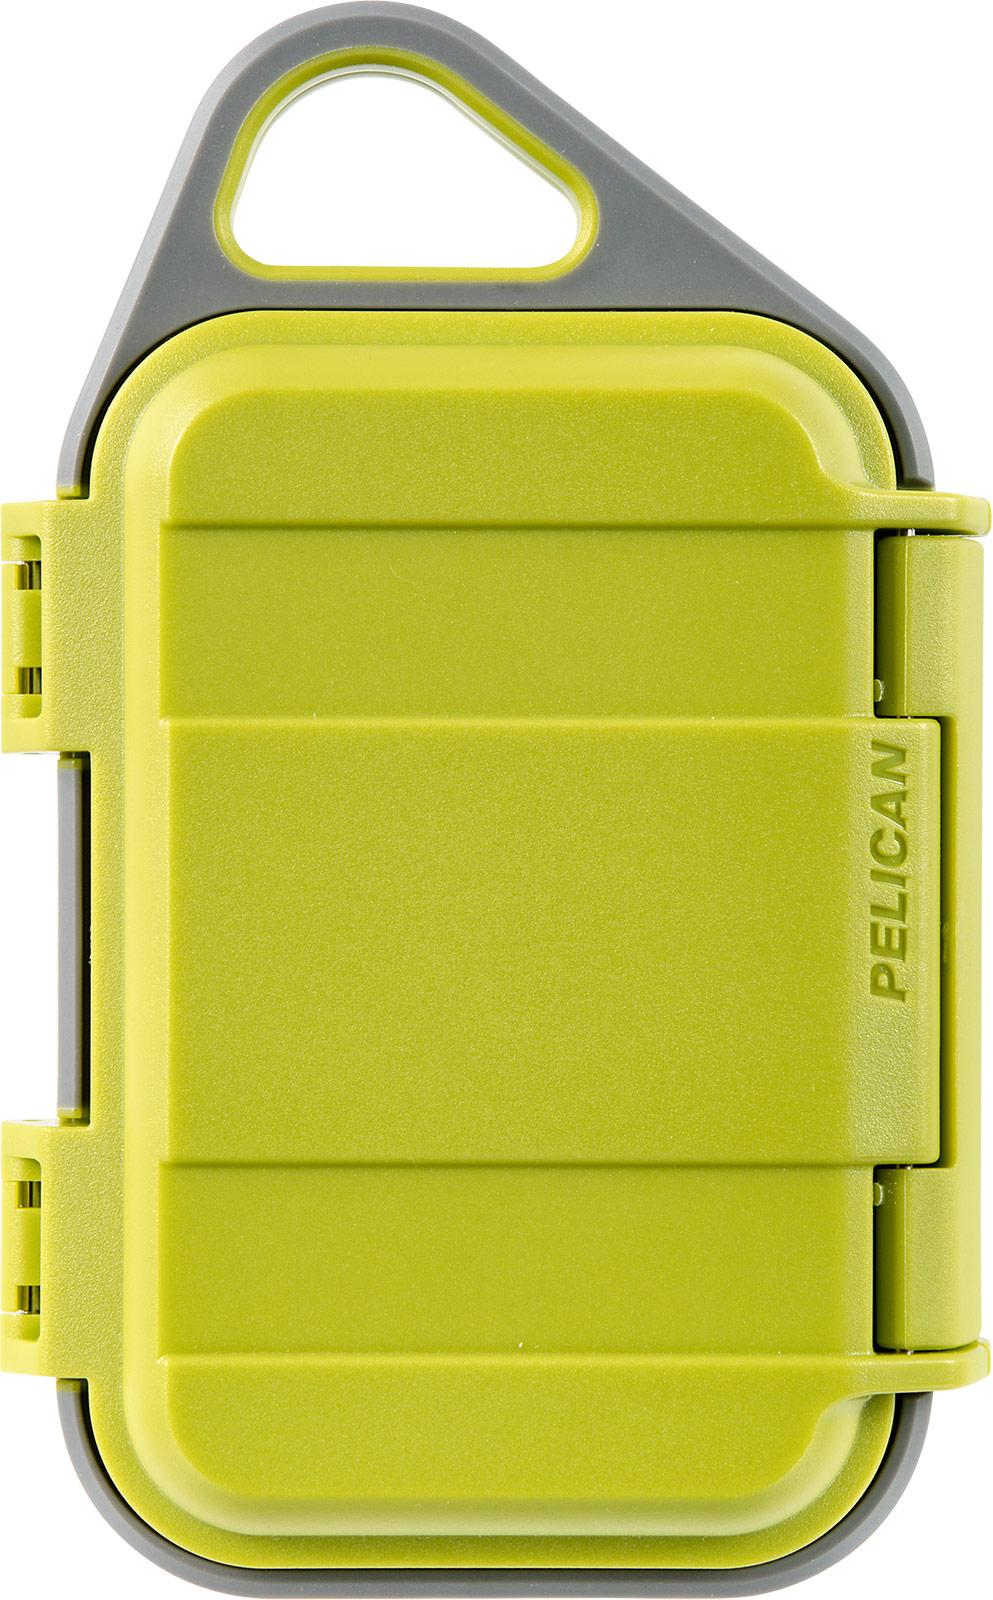 pelican personal micro go g10 case